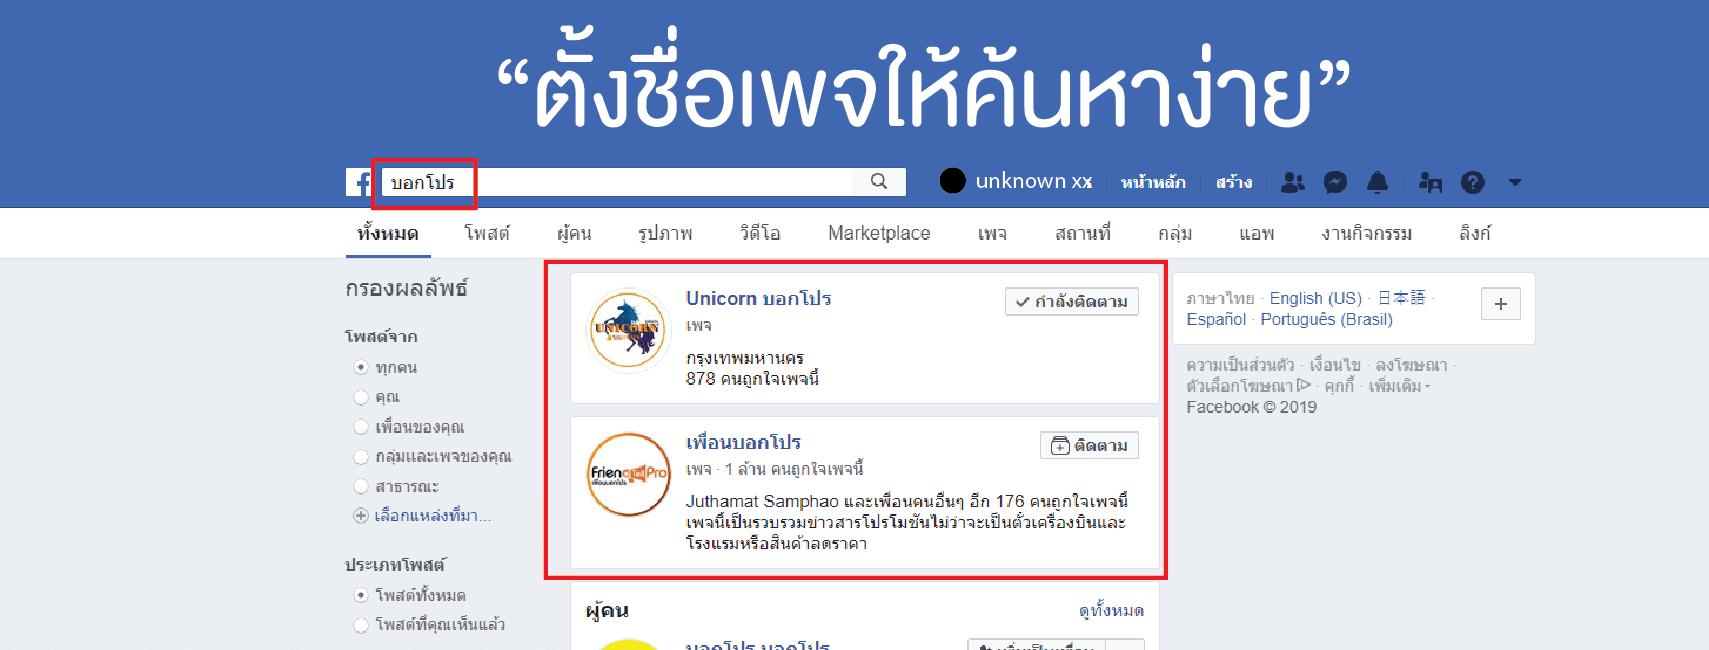 การตั้งชื่อเพจ Facebook